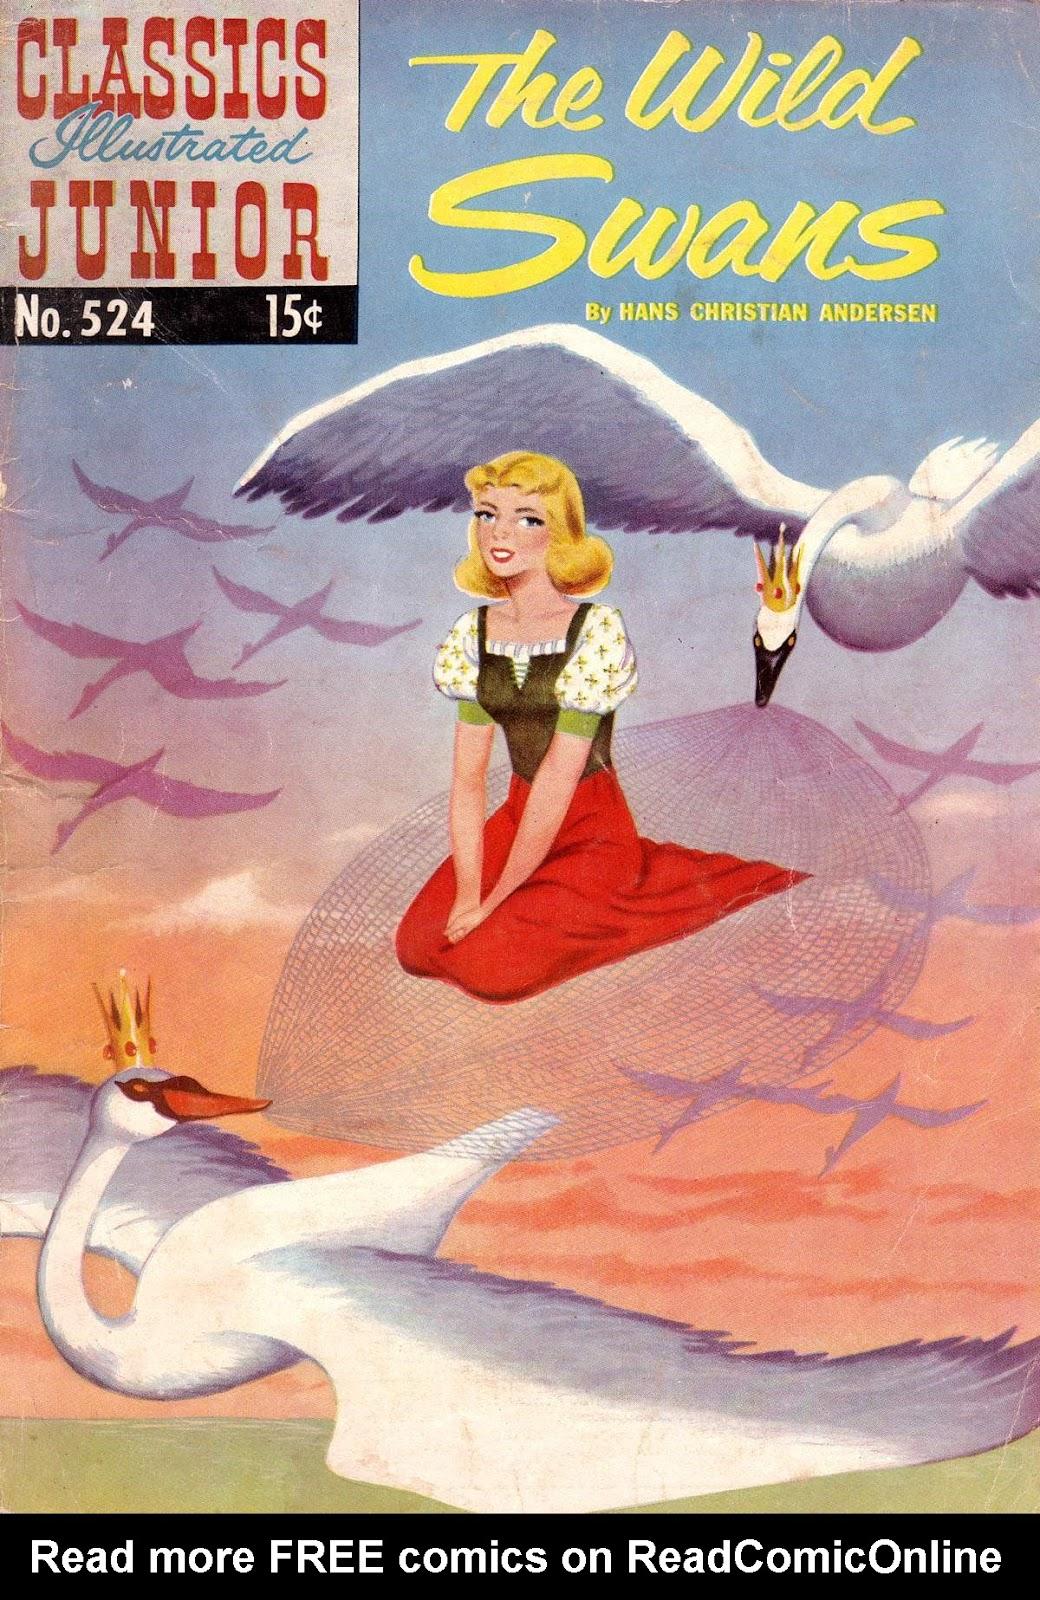 Classics Illustrated Junior 524 Page 1